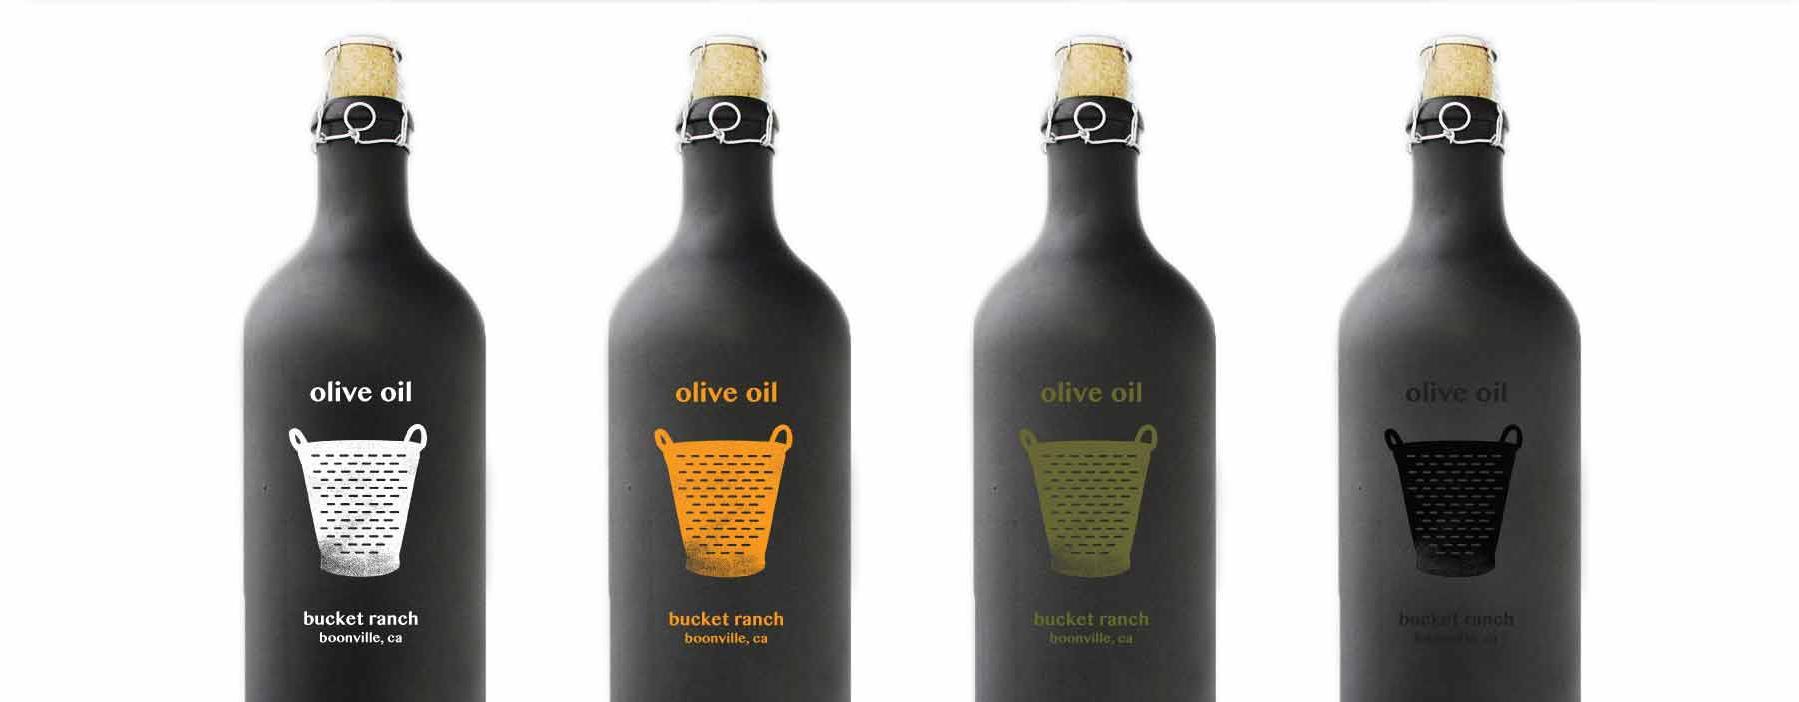 bottle_web copy.jpg